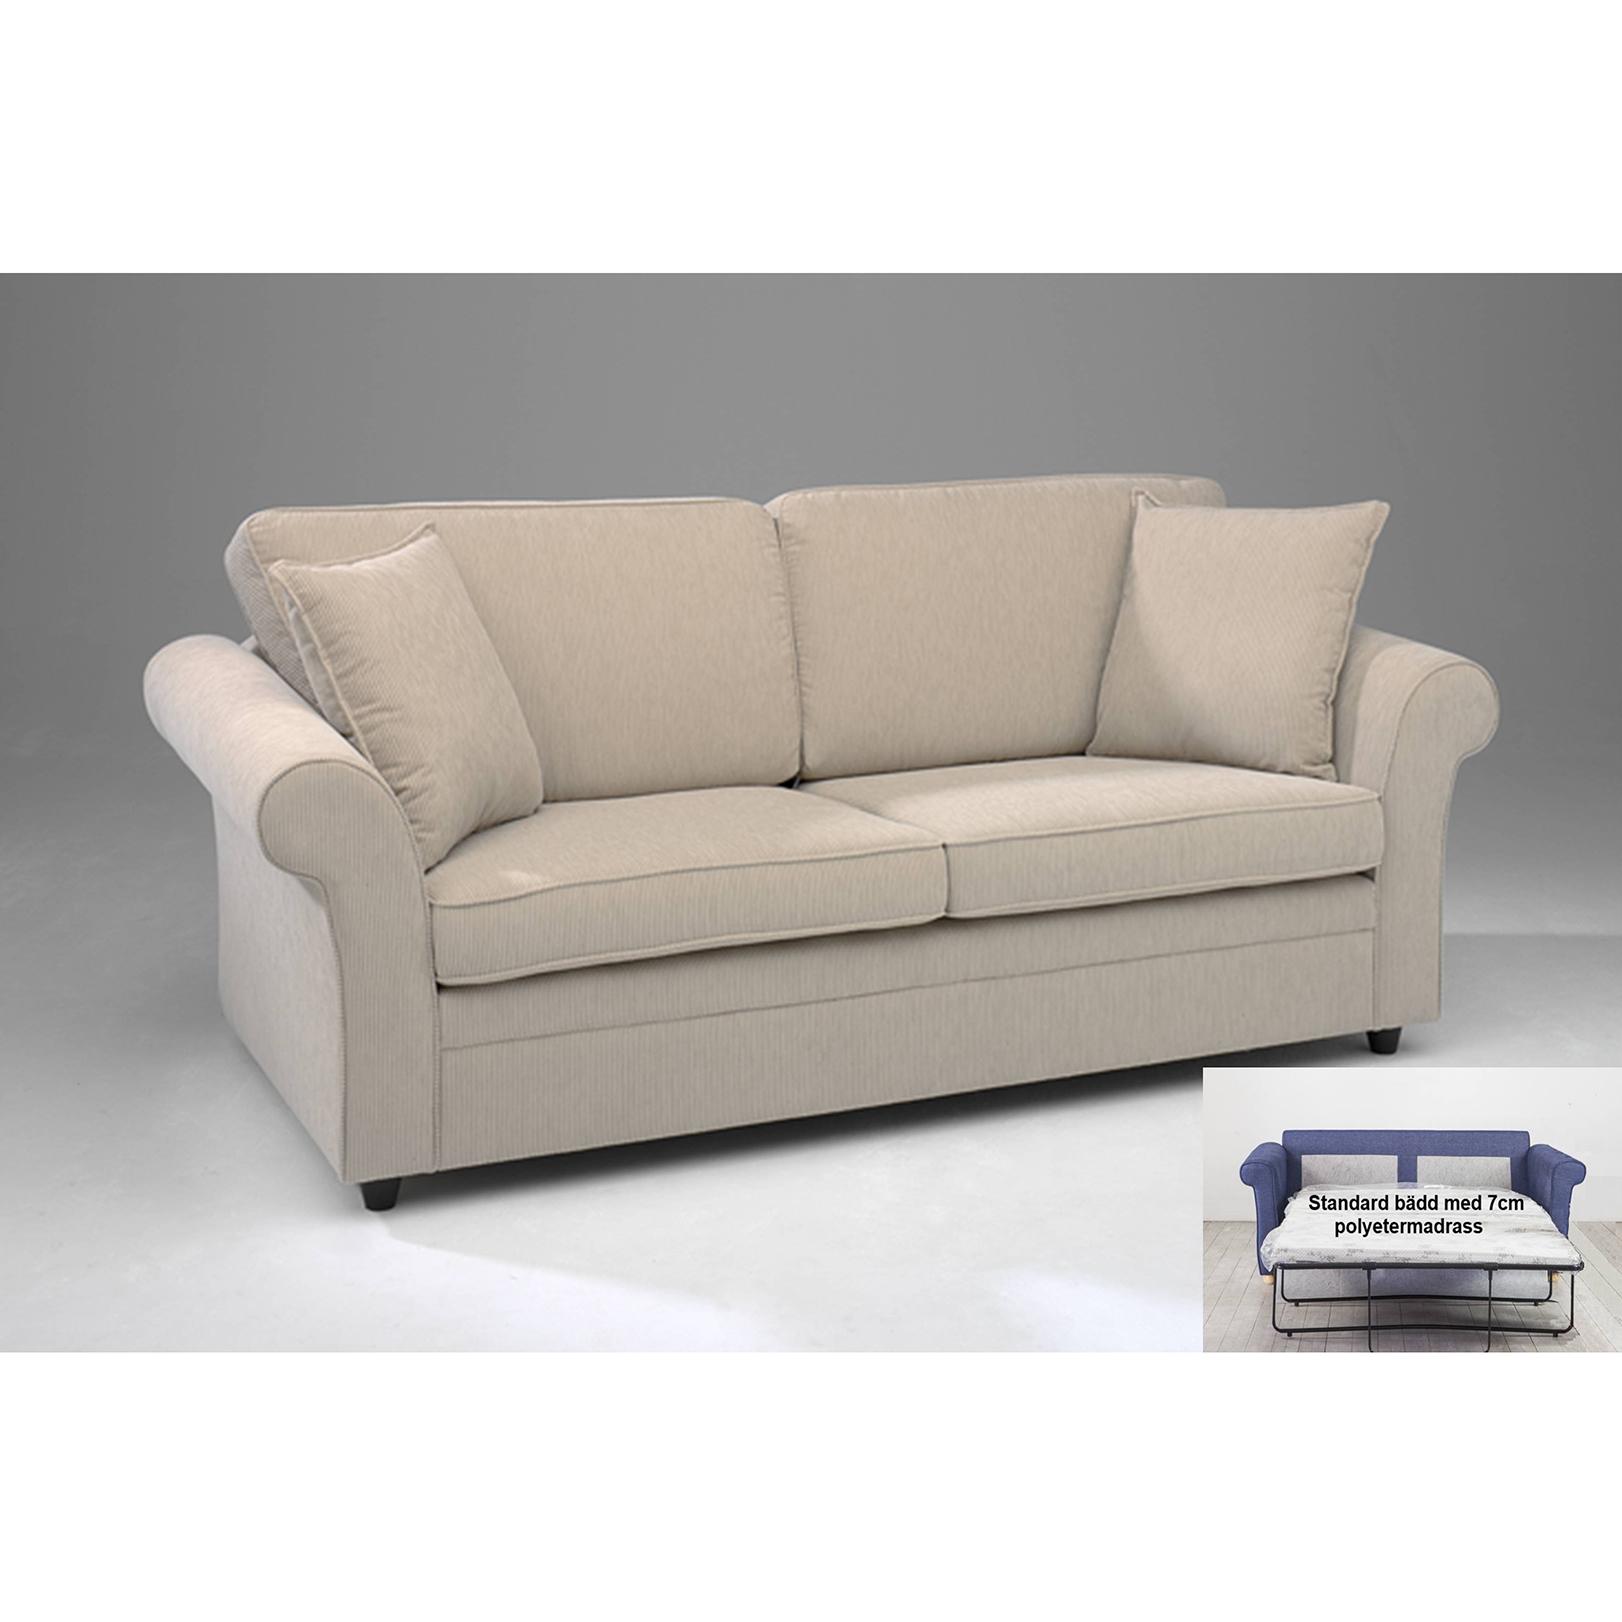 Berömda Aveny framåtbäddad soffa från Amalfi | Bäddsoffexperten EC-29